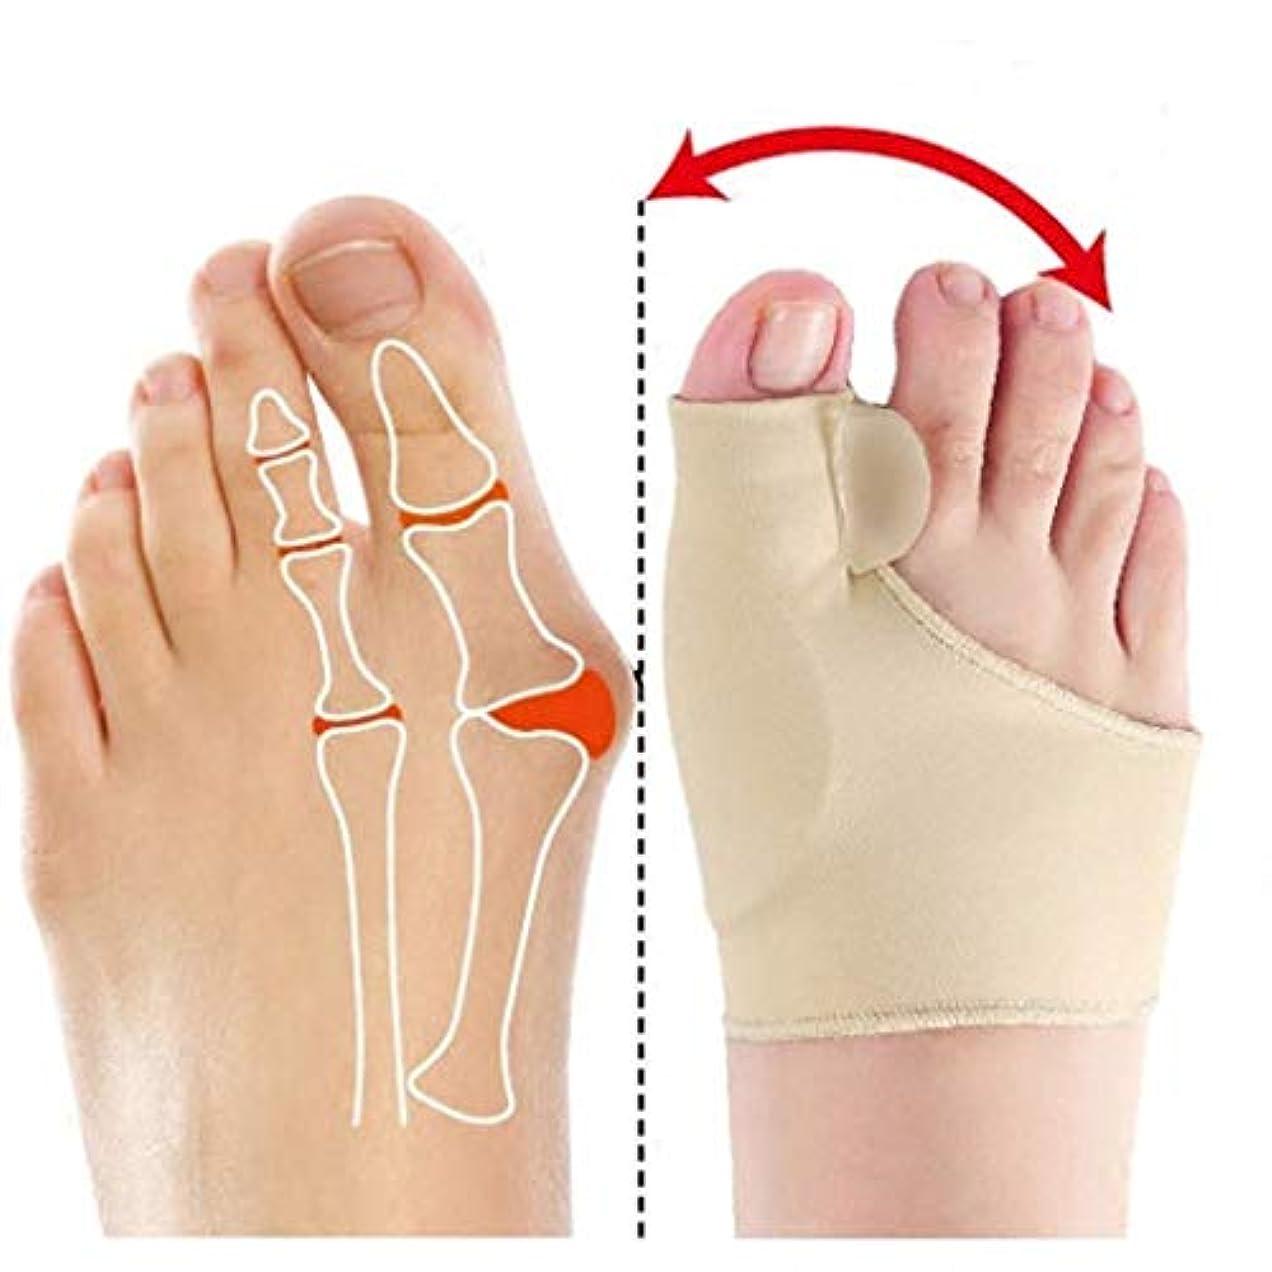 拒絶委員会聖歌Dyong Thumb Toe Corrector Big Toe Straightener Toe Pain Relief Sleeve、Bunion Splint Support Sleeve with Built-in...